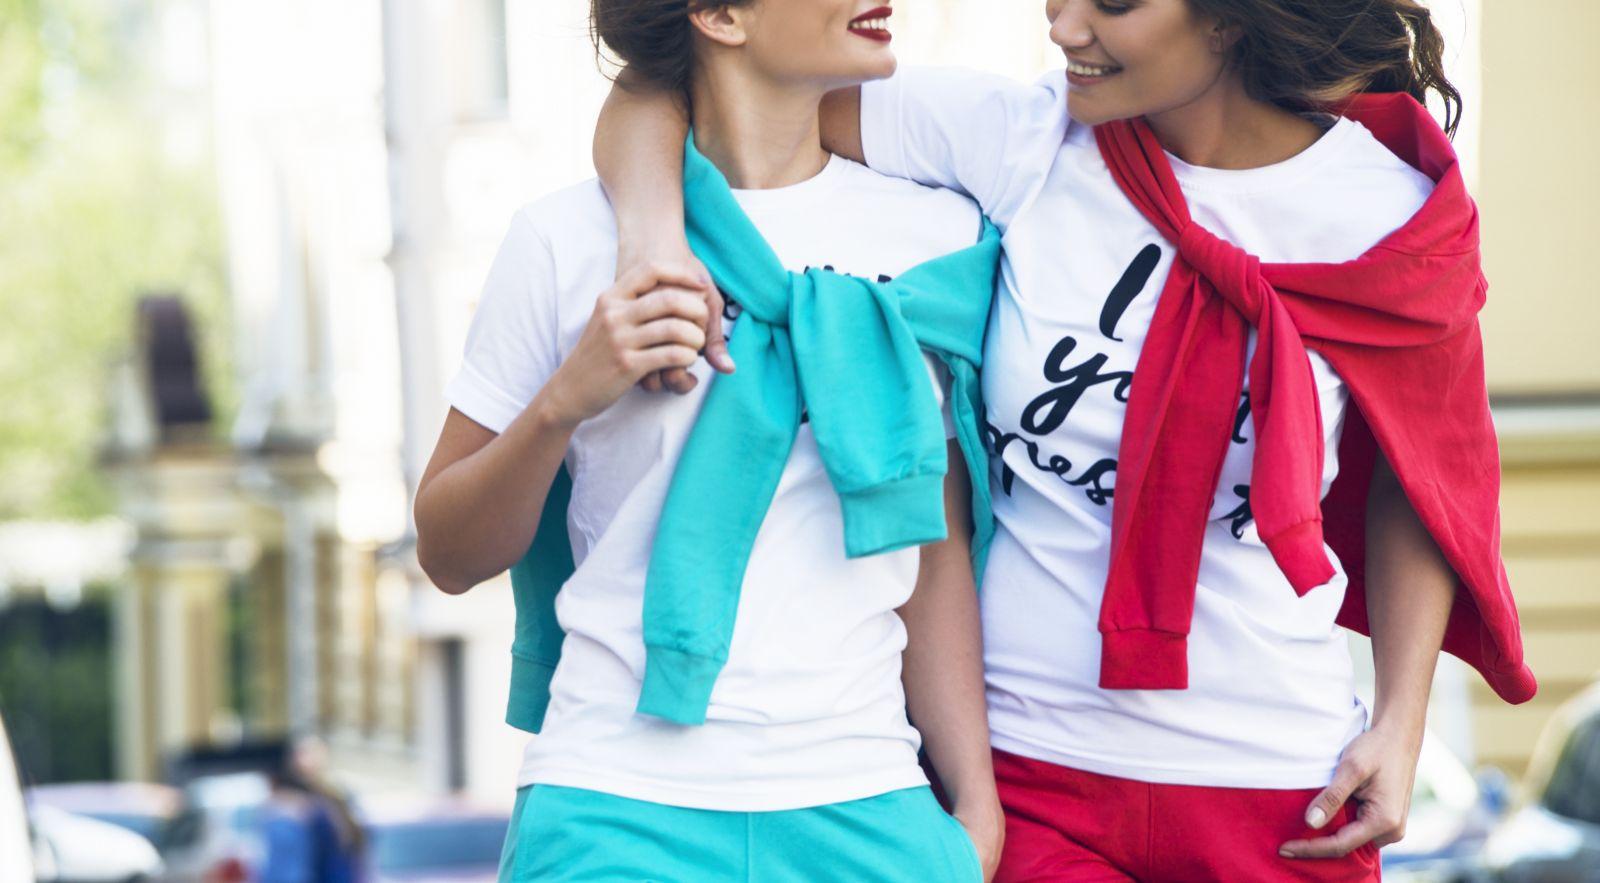 Как создать модный бренд с продажи футболок: опыт Холостячки Анны Селюковой - фото №3